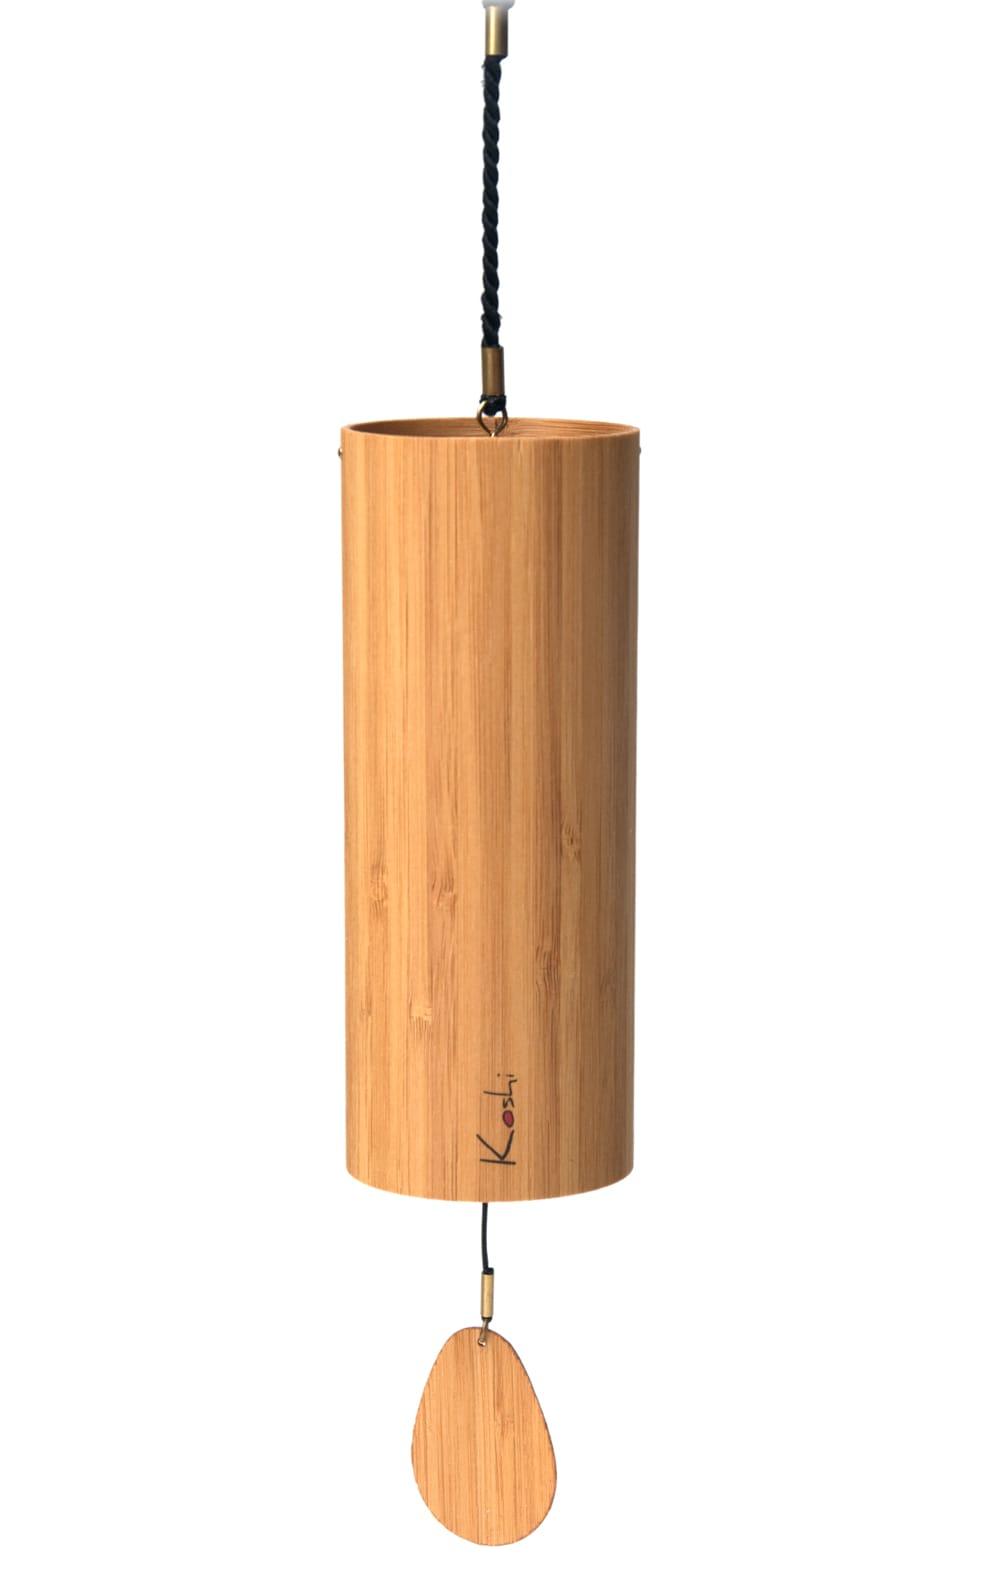 コシ・チャイム Koshi Chime (ヒーリング風鈴) - Ignis 火 6 - シンプルに吊り下げたところです